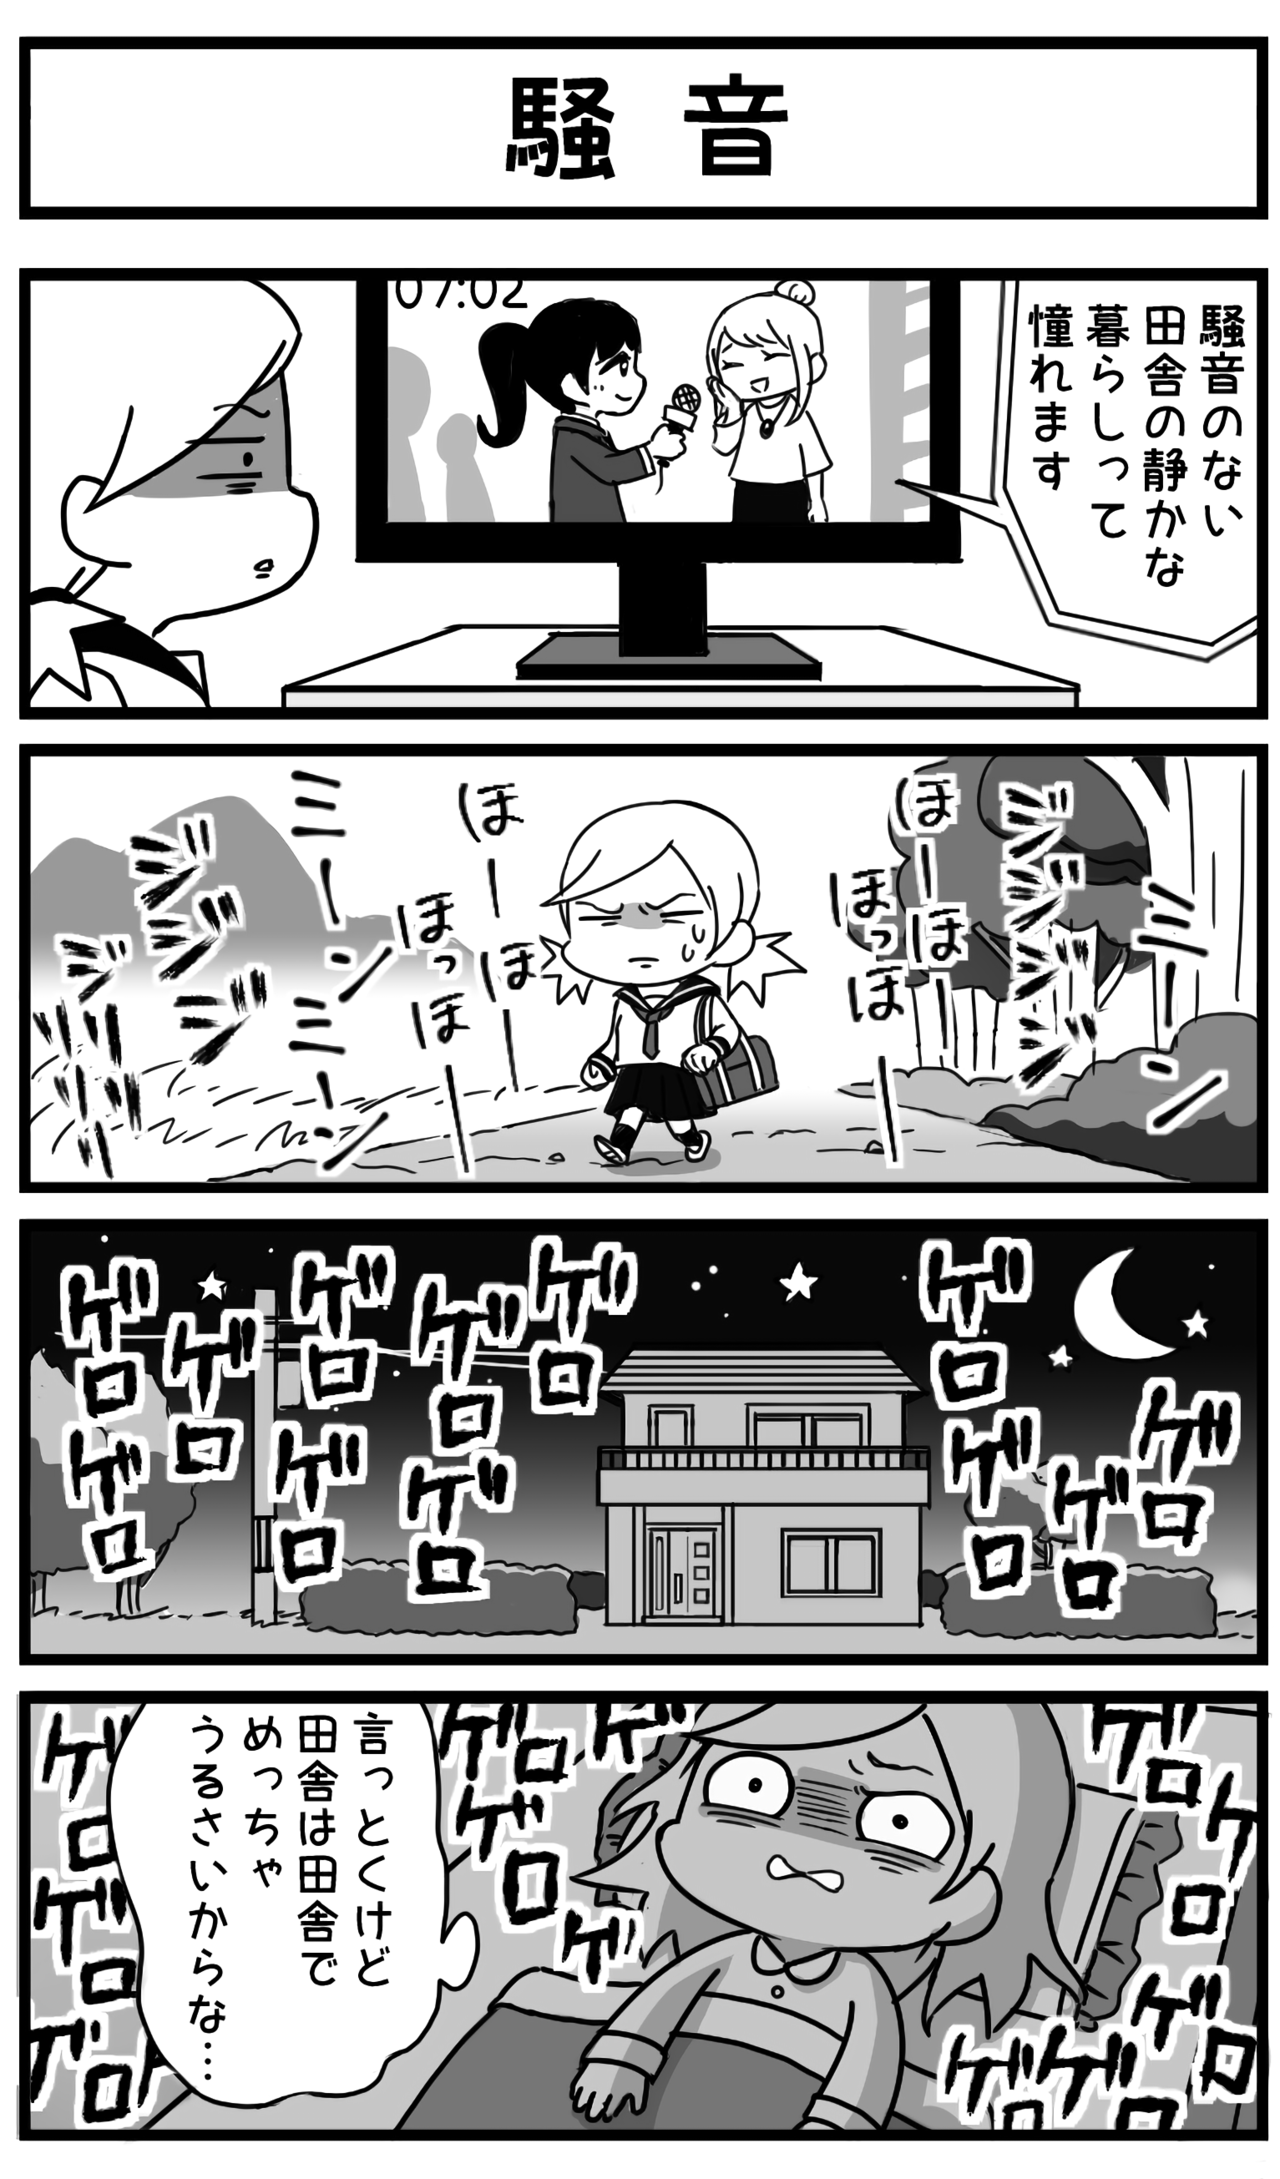 漫画 田舎